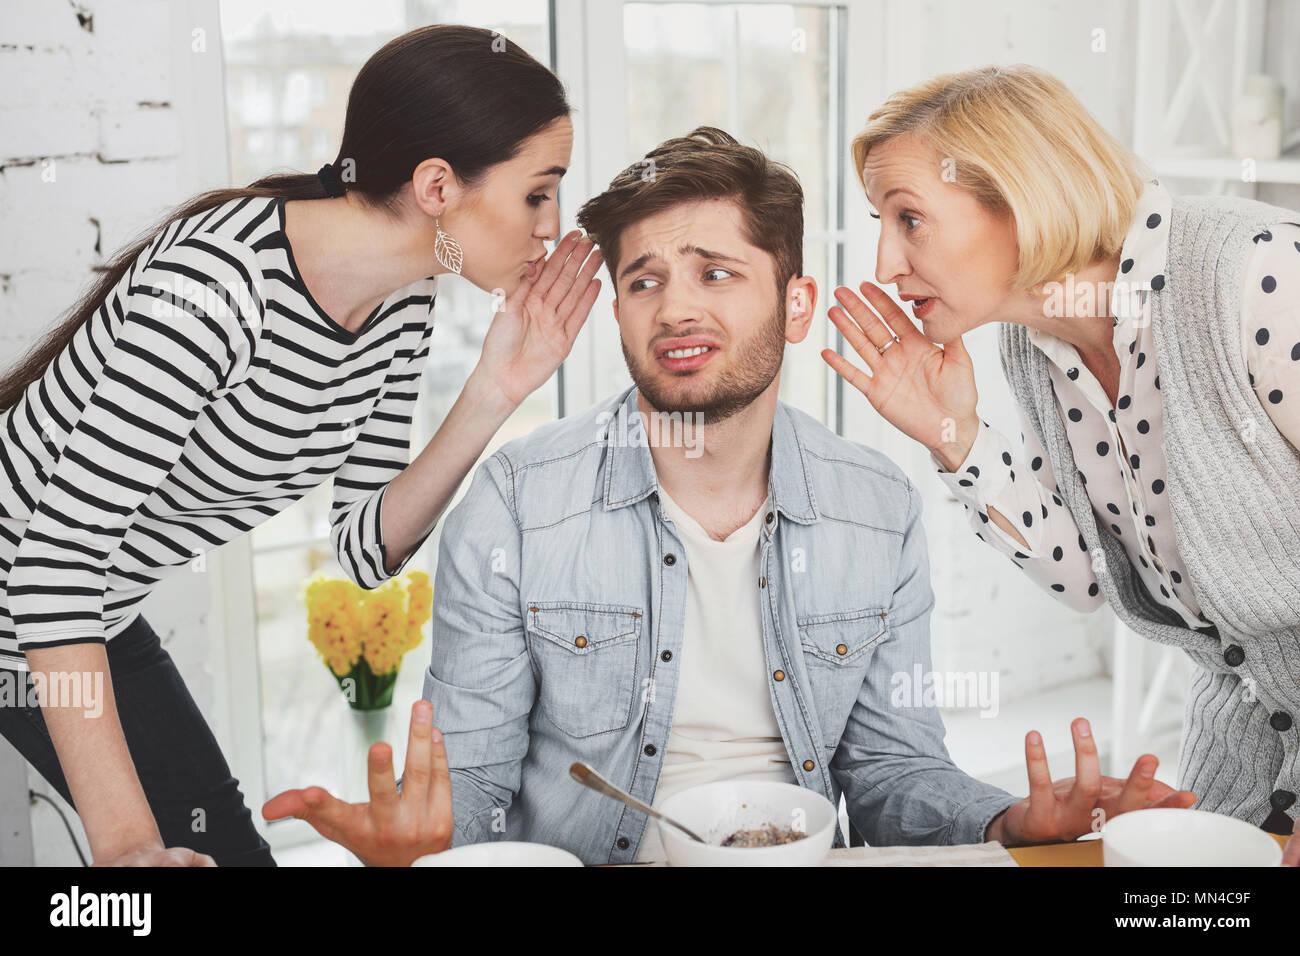 Jeune homme sombre à l'écoute des femmes Photo Stock